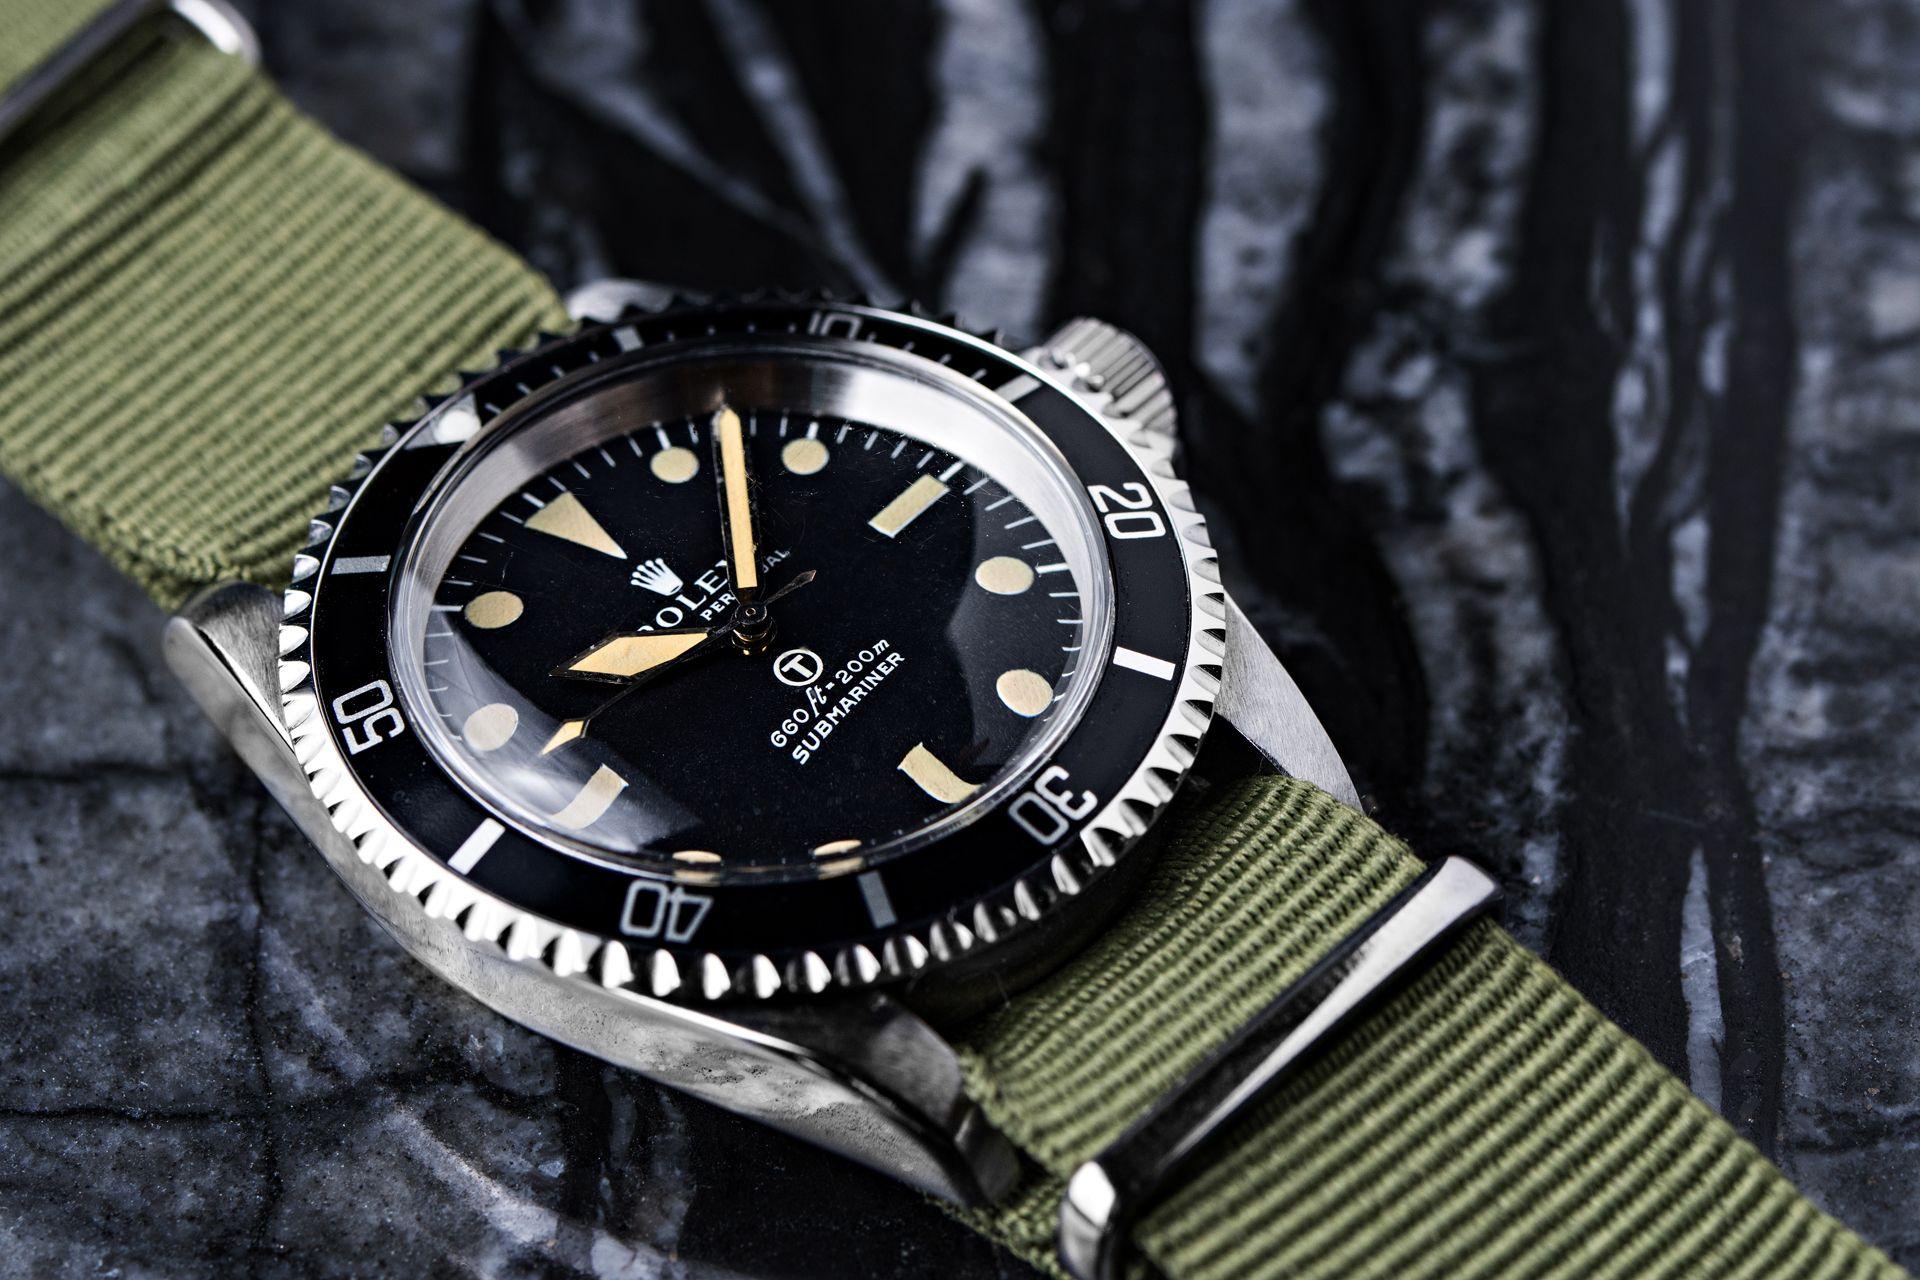 Rolex Military Submariner Ref 5513